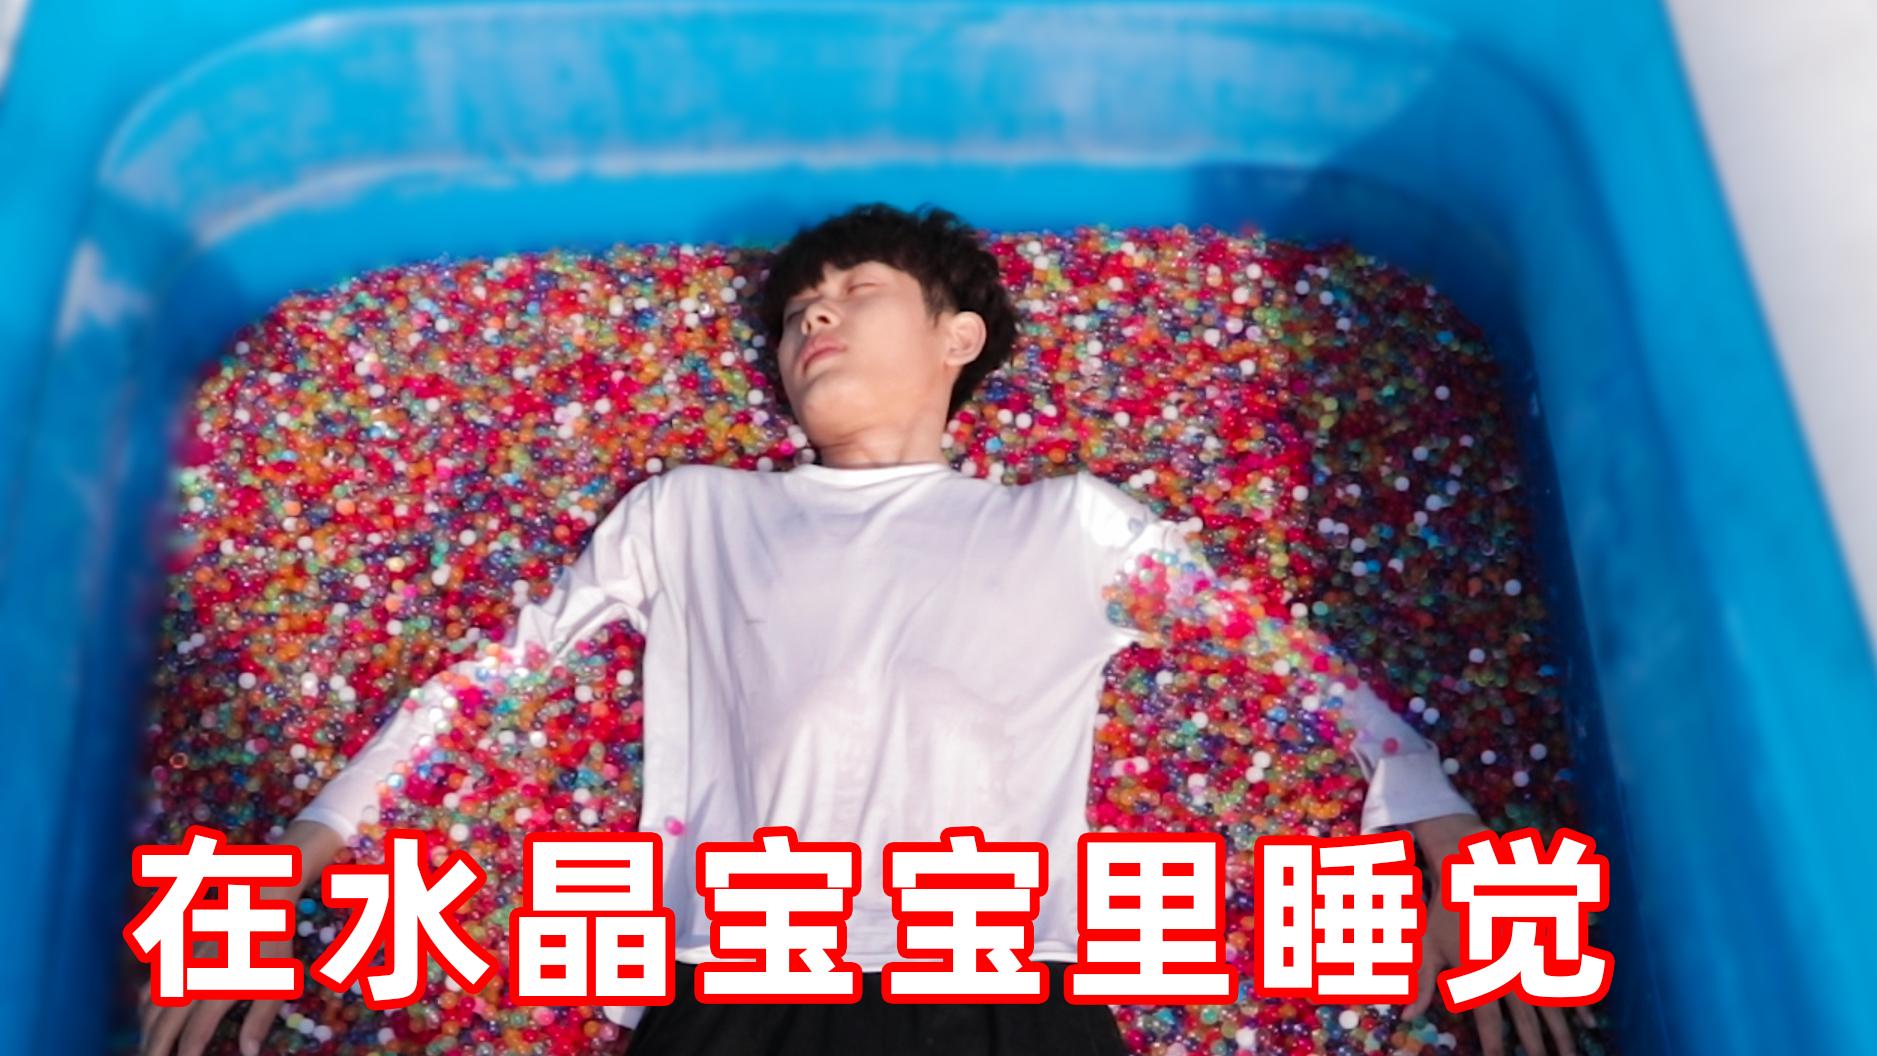 挑战躺在20000颗水宝宝里睡觉!手指被泡得发白起皮了